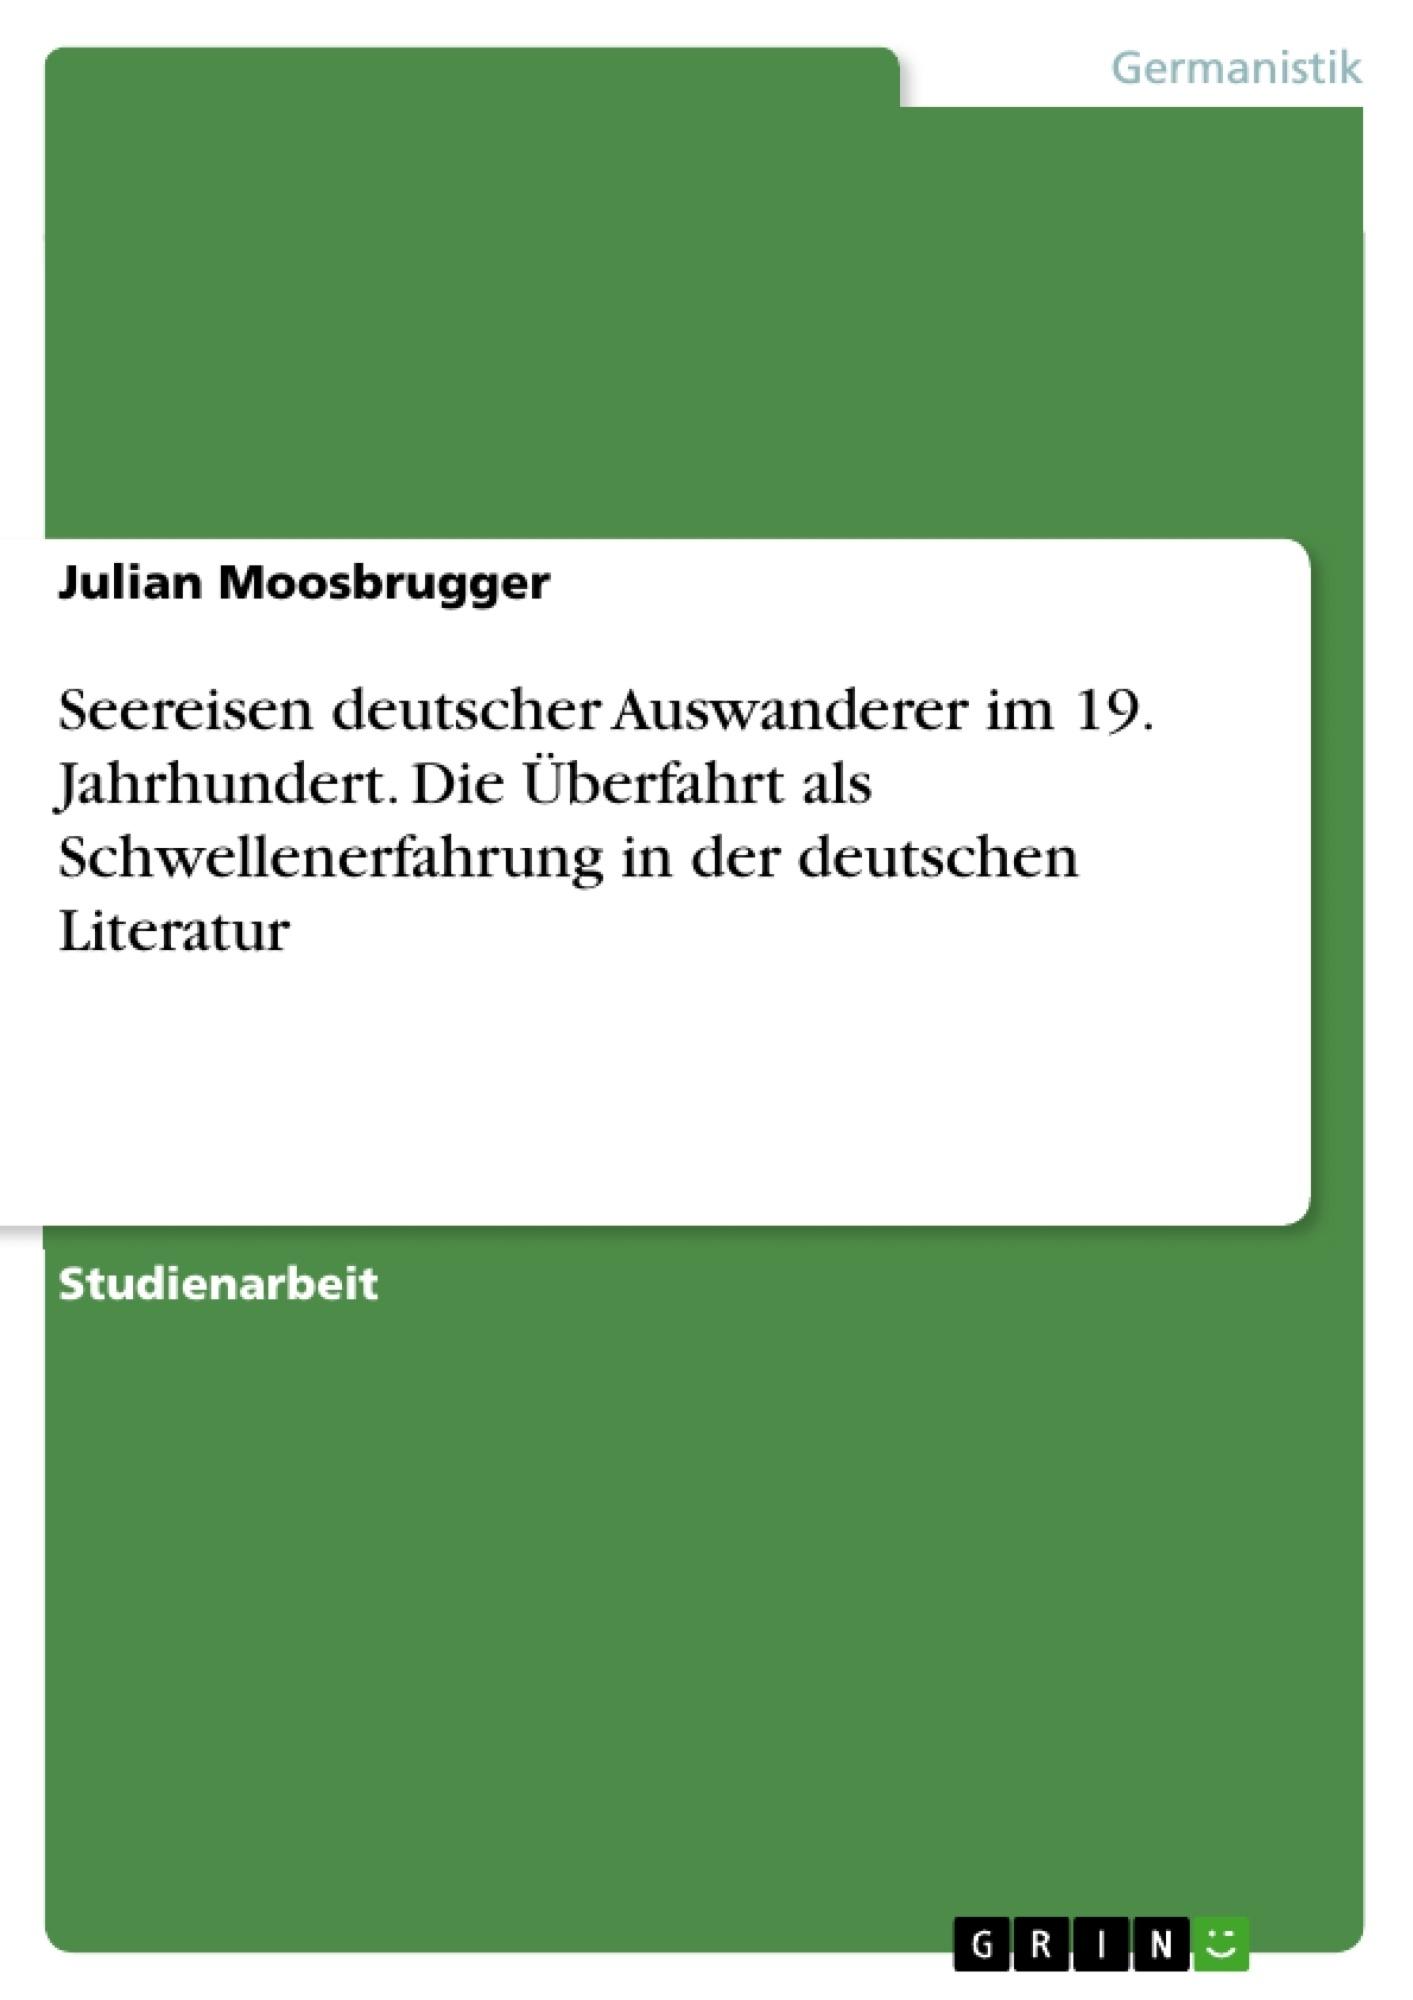 Titel: Seereisen deutscher Auswanderer im 19. Jahrhundert. Die Überfahrt als Schwellenerfahrung in der deutschen Literatur